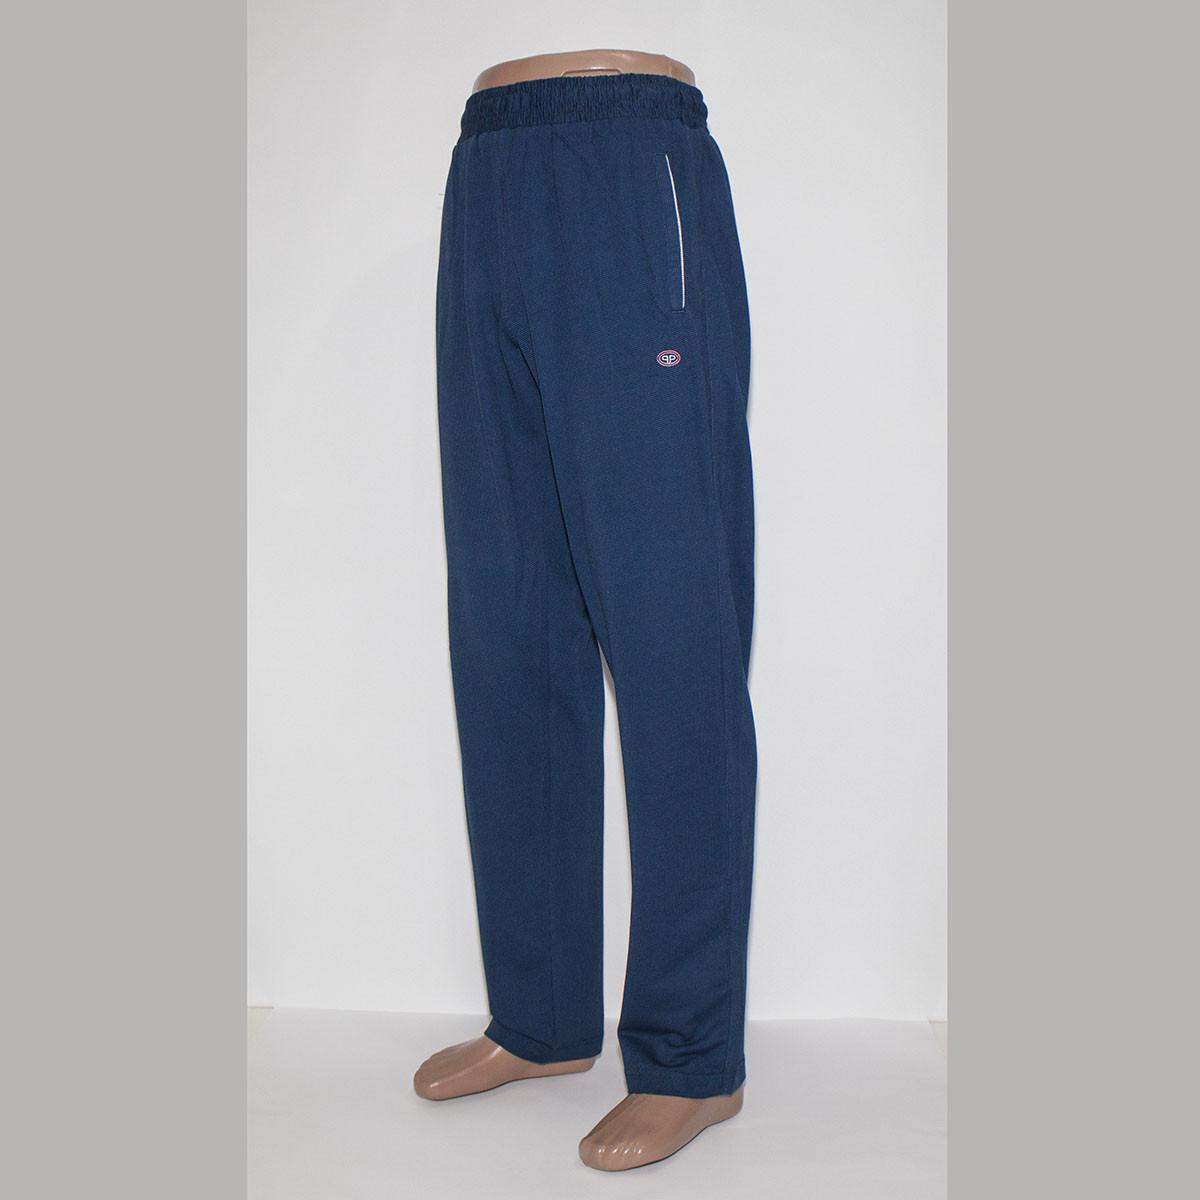 9b533af129f Турецкие спортивные мужские штаны лакоста тм. PIYERA № 23 оптом и в ...